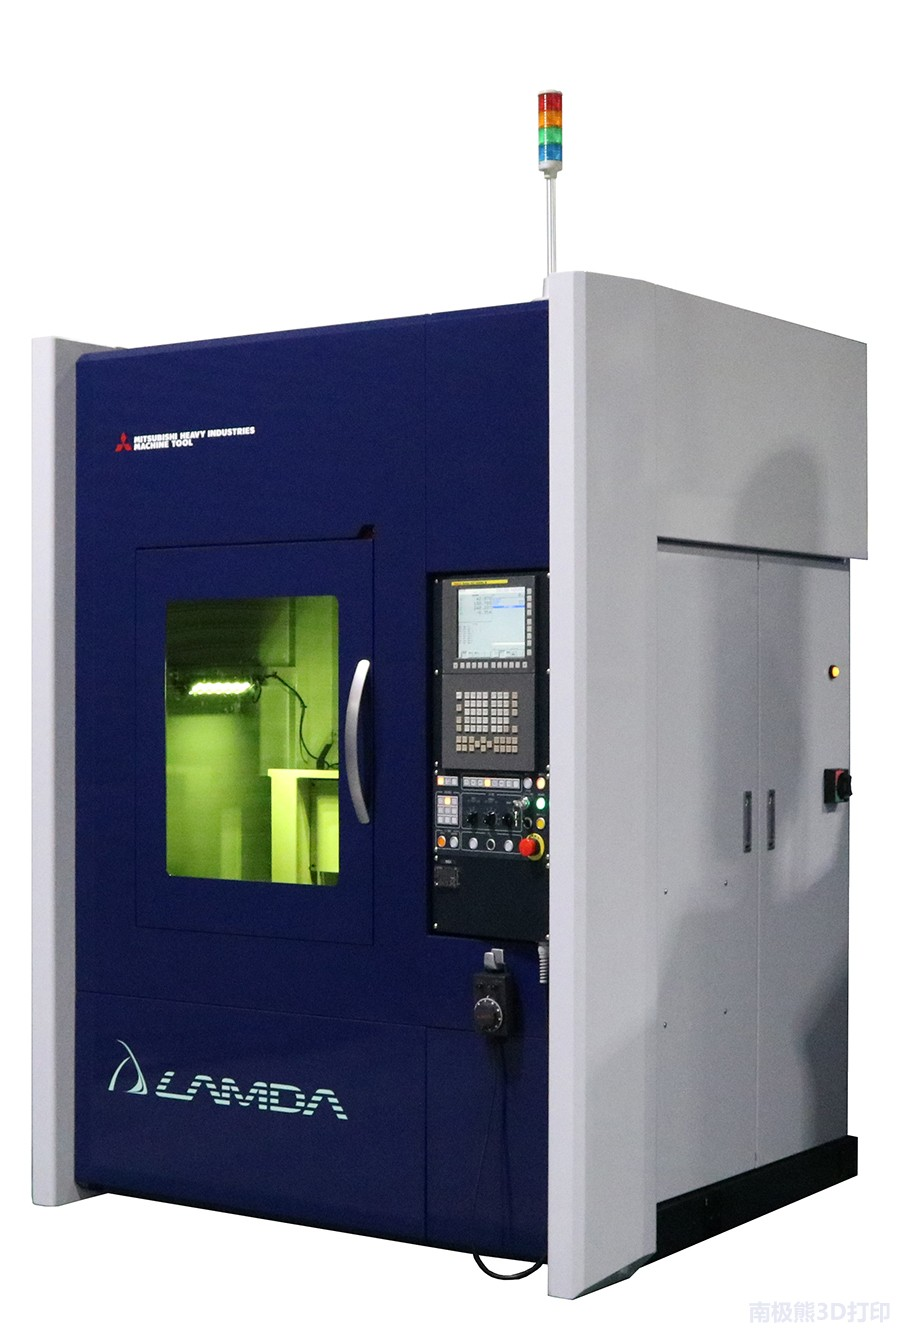 三菱重工推出商业化金属3D打印机 定向能量沉积技术